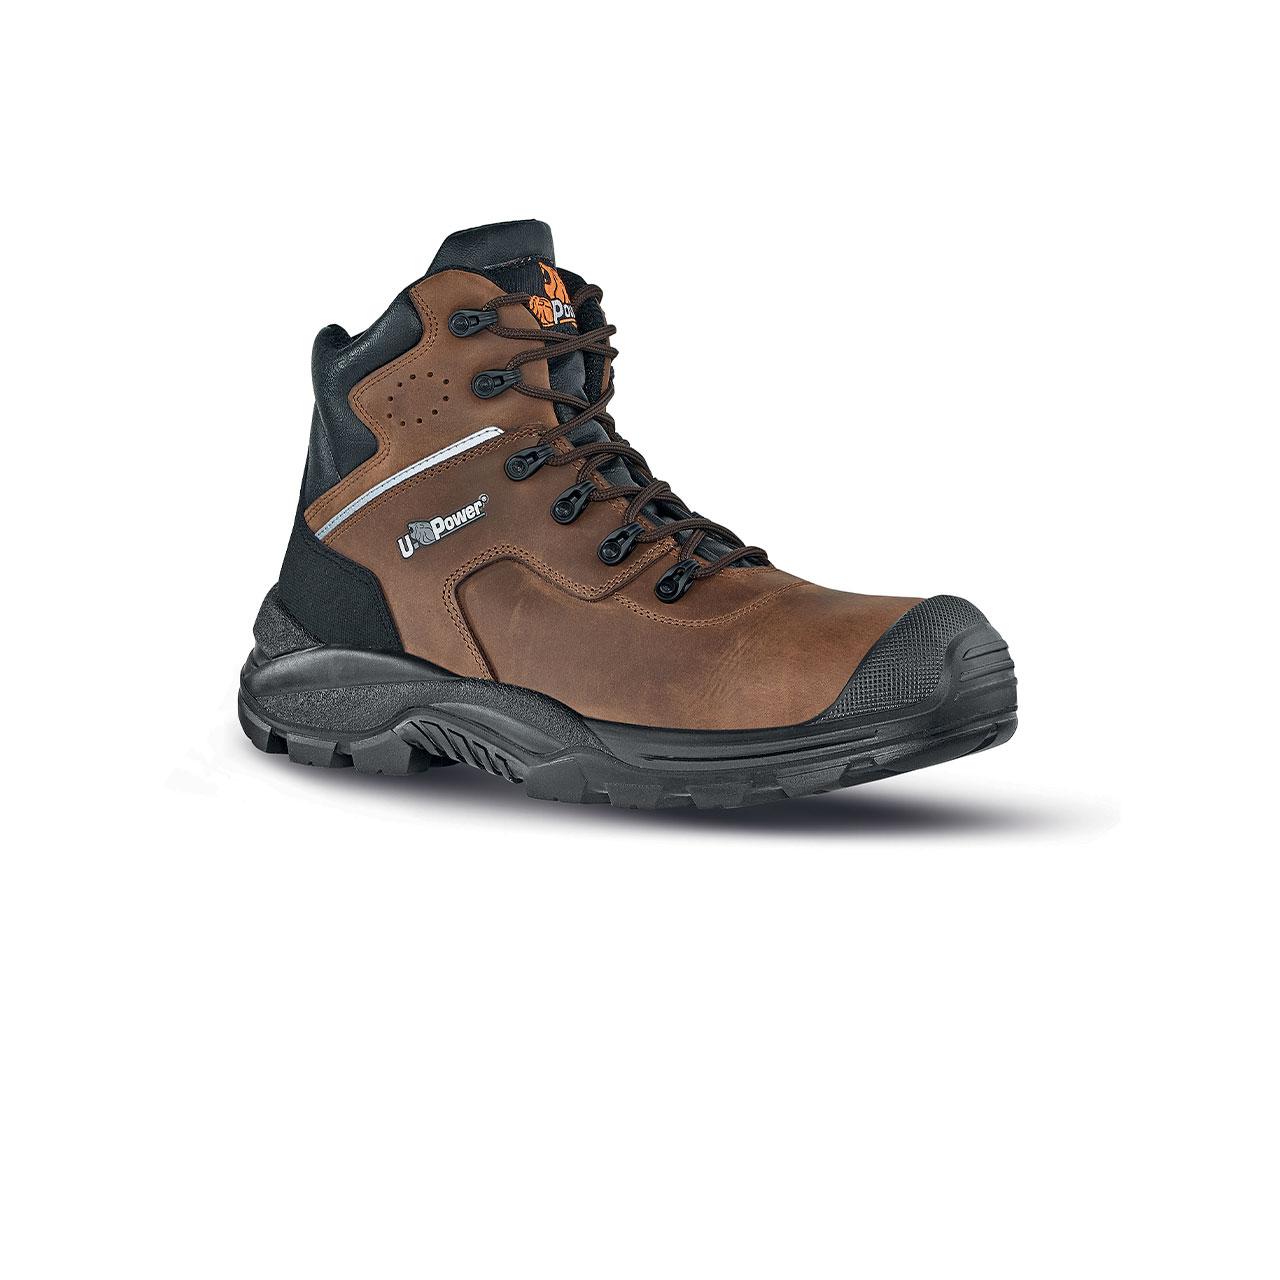 scarpa antinfortunistica upower modello greenland linea rock_roll vista laterale